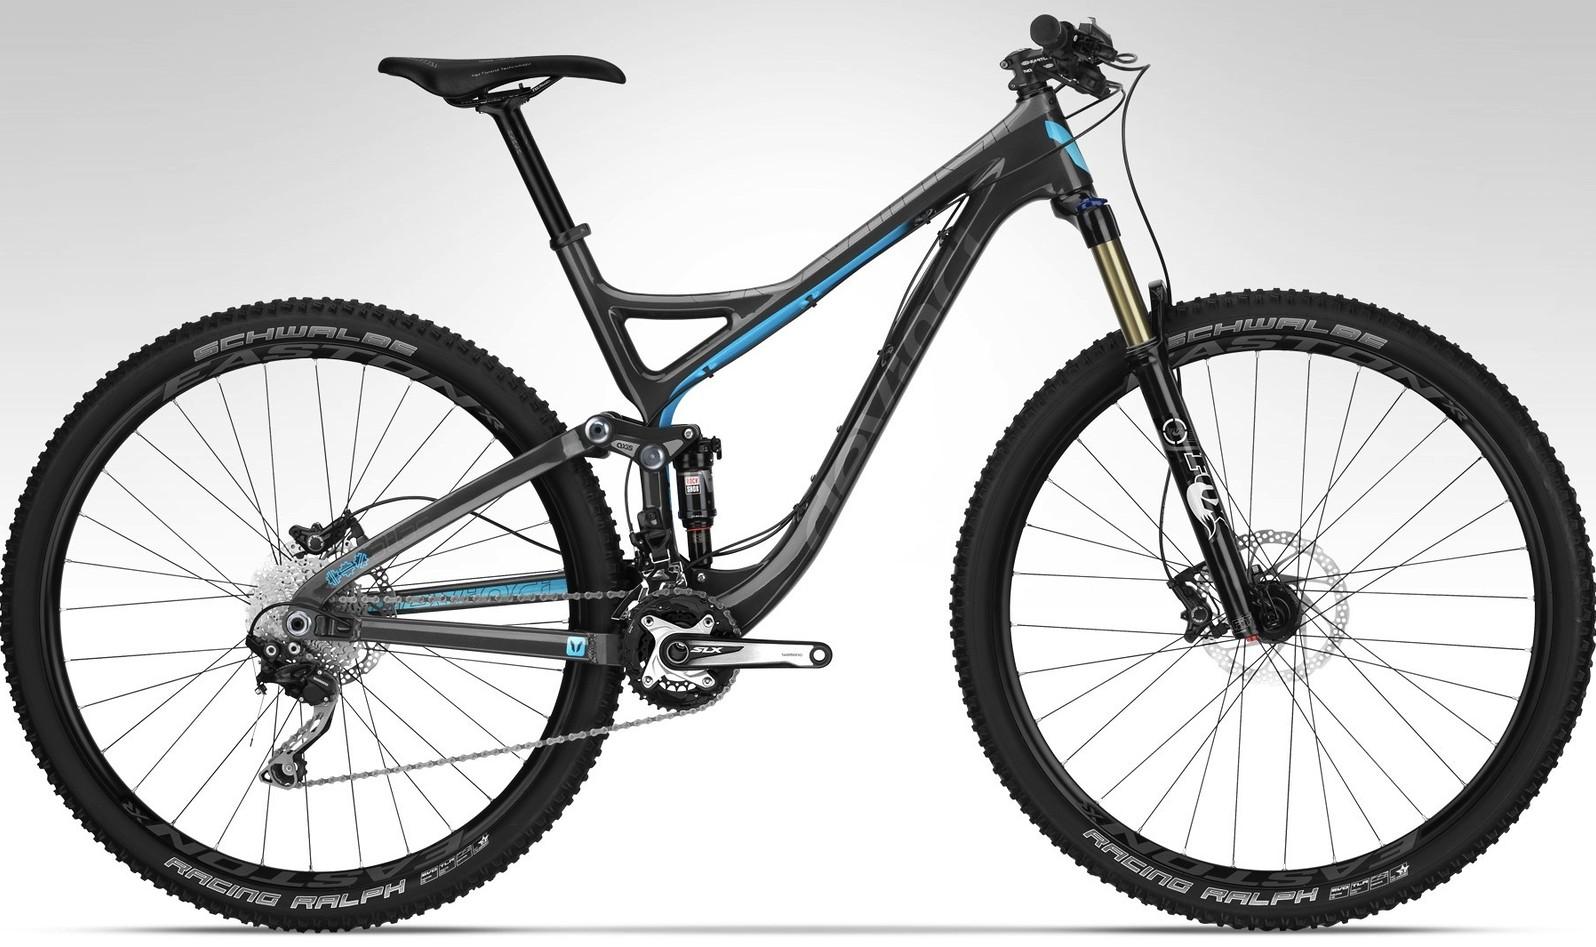 Devinci ATLAS CARBON RC bike